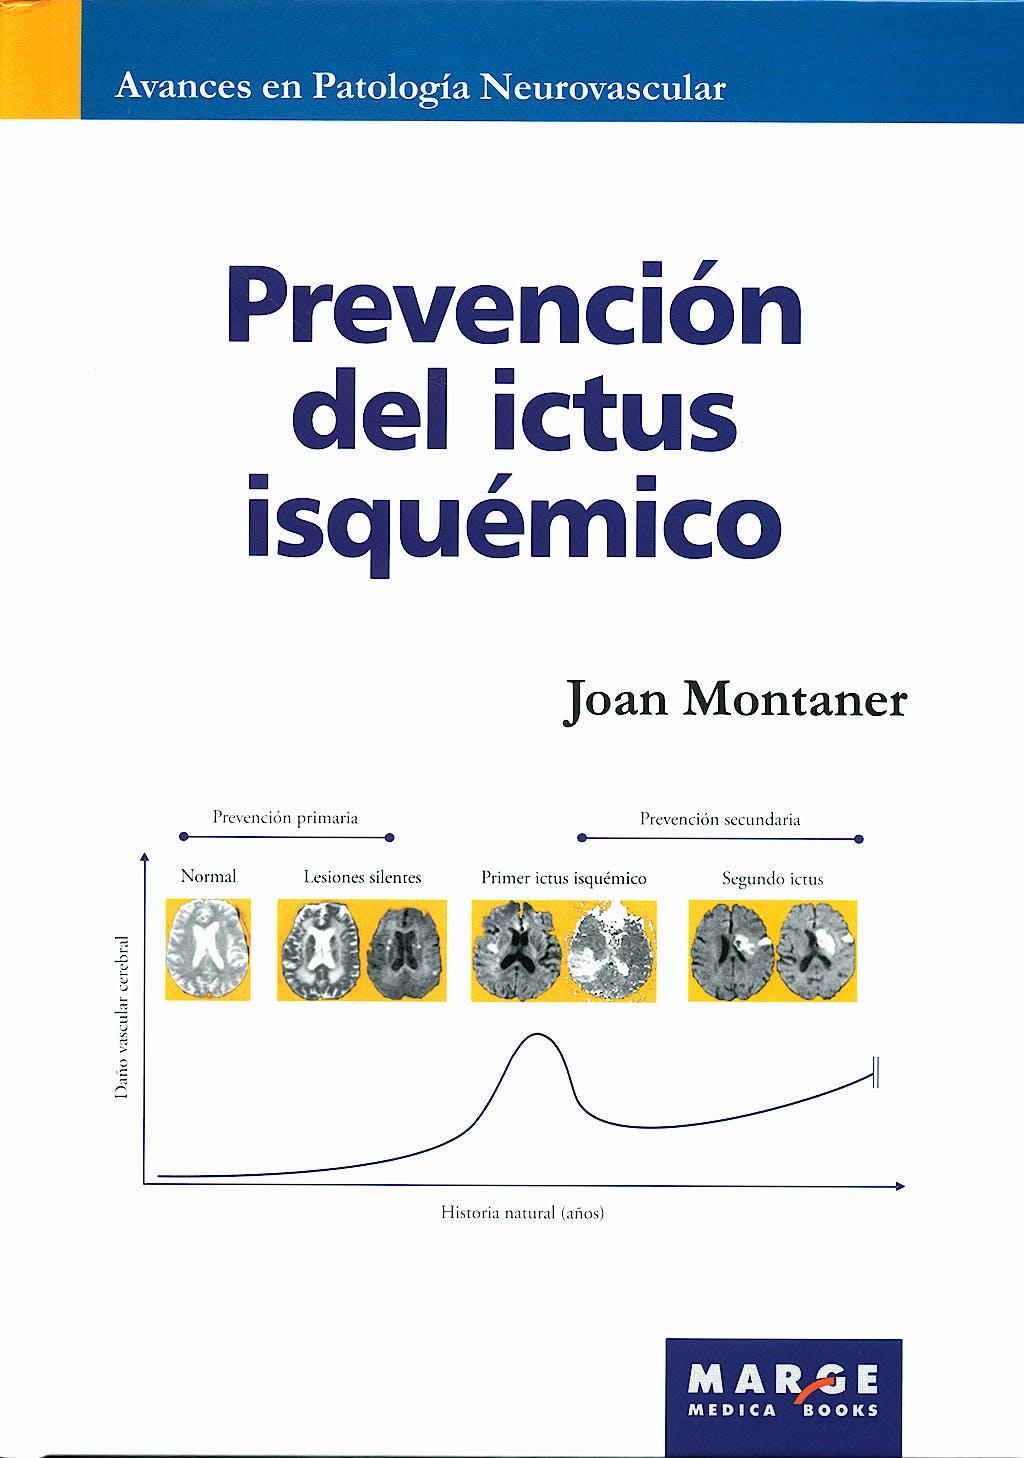 Portada del libro 9788492442089 Prevención del Ictus Isquémico (Avances en Patología Neurovascular, Vol. 2)